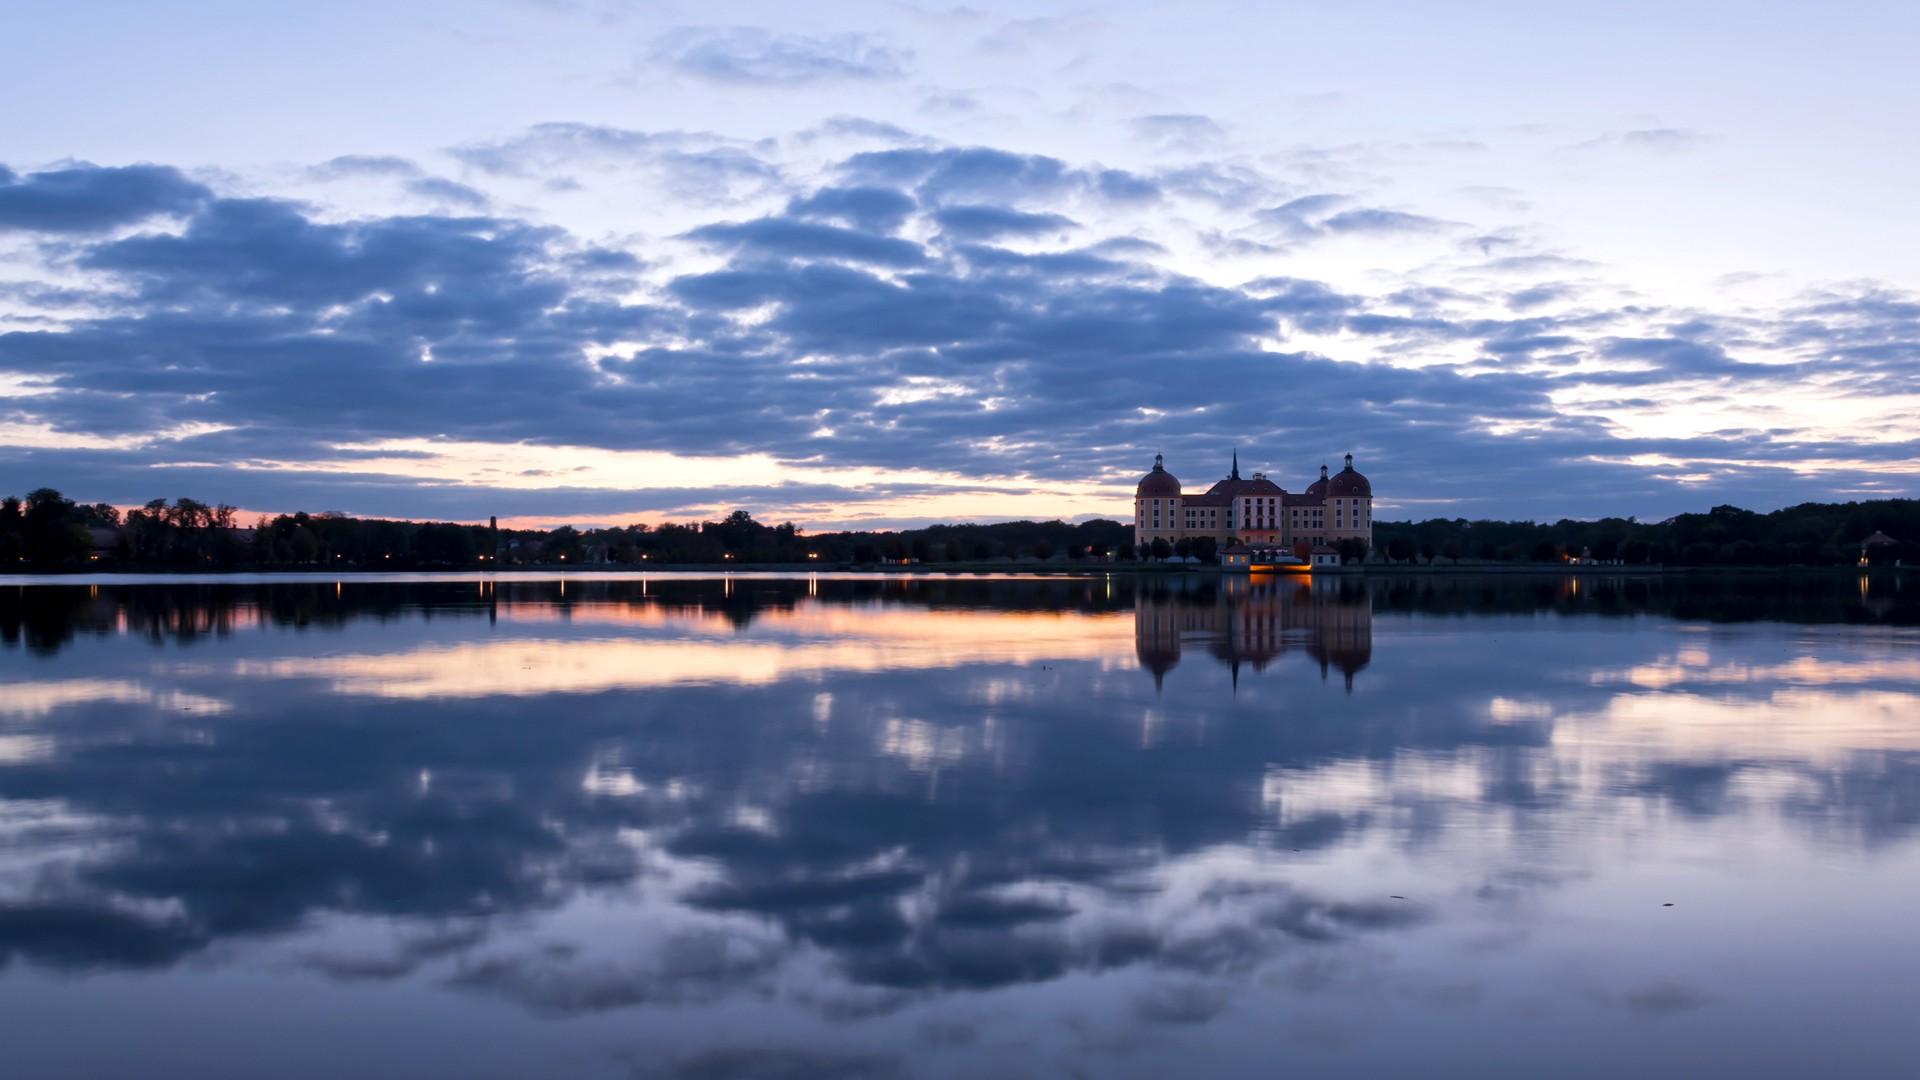 General 1920x1080 coast landscape lake architecture moritzburg castle calm